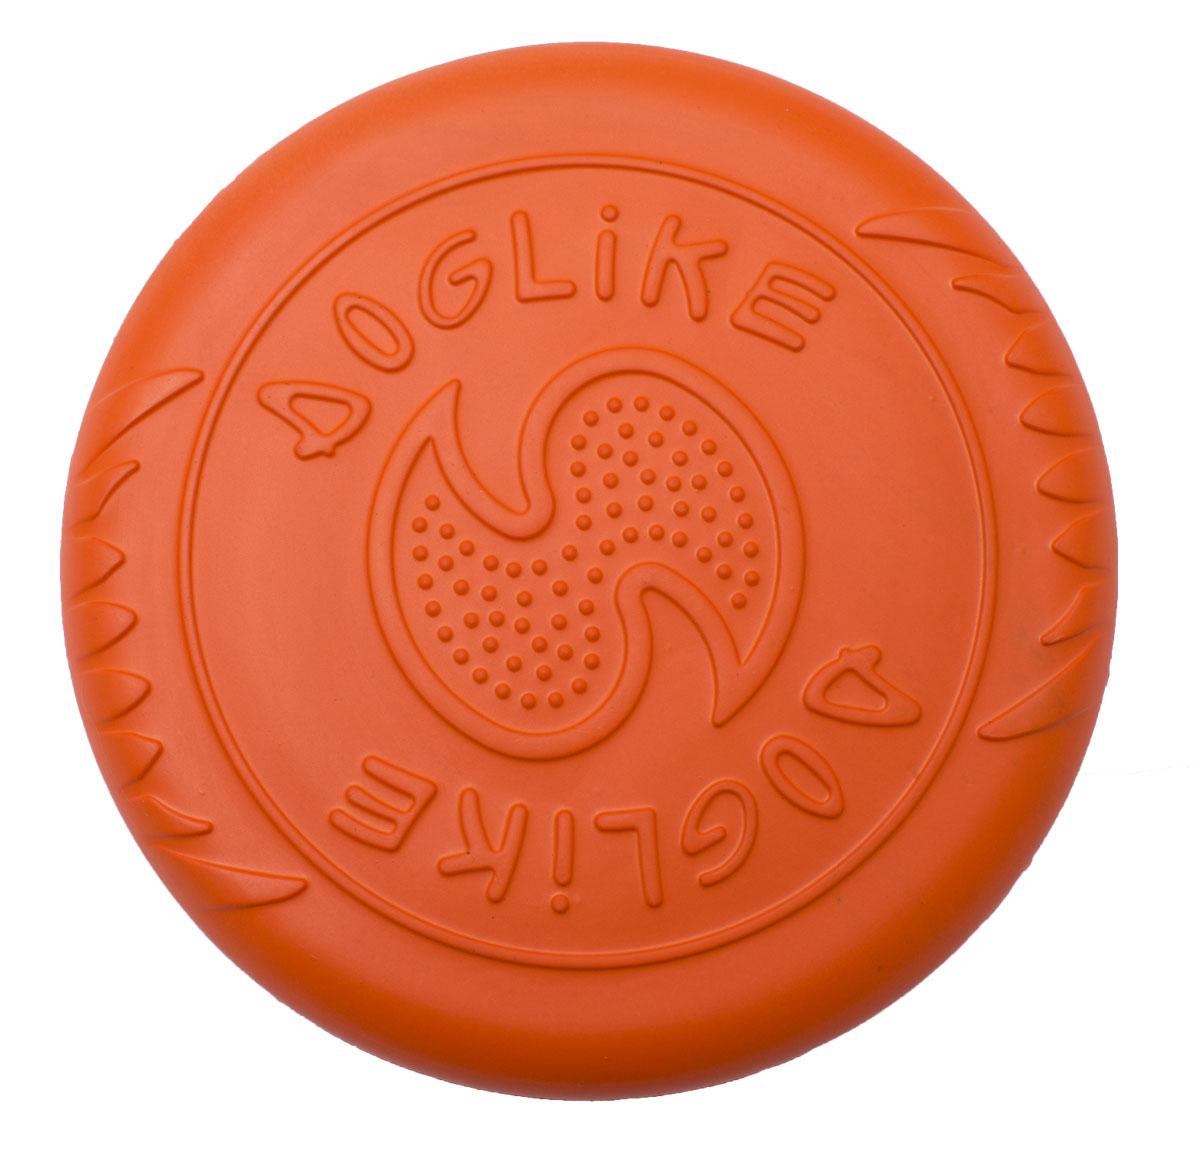 Игрушка для собак Doglike Тарелка летающая, цвет: оранжевый, диаметр 25 см тарелка elff decor терра цвет оранжевый диаметр 21 см